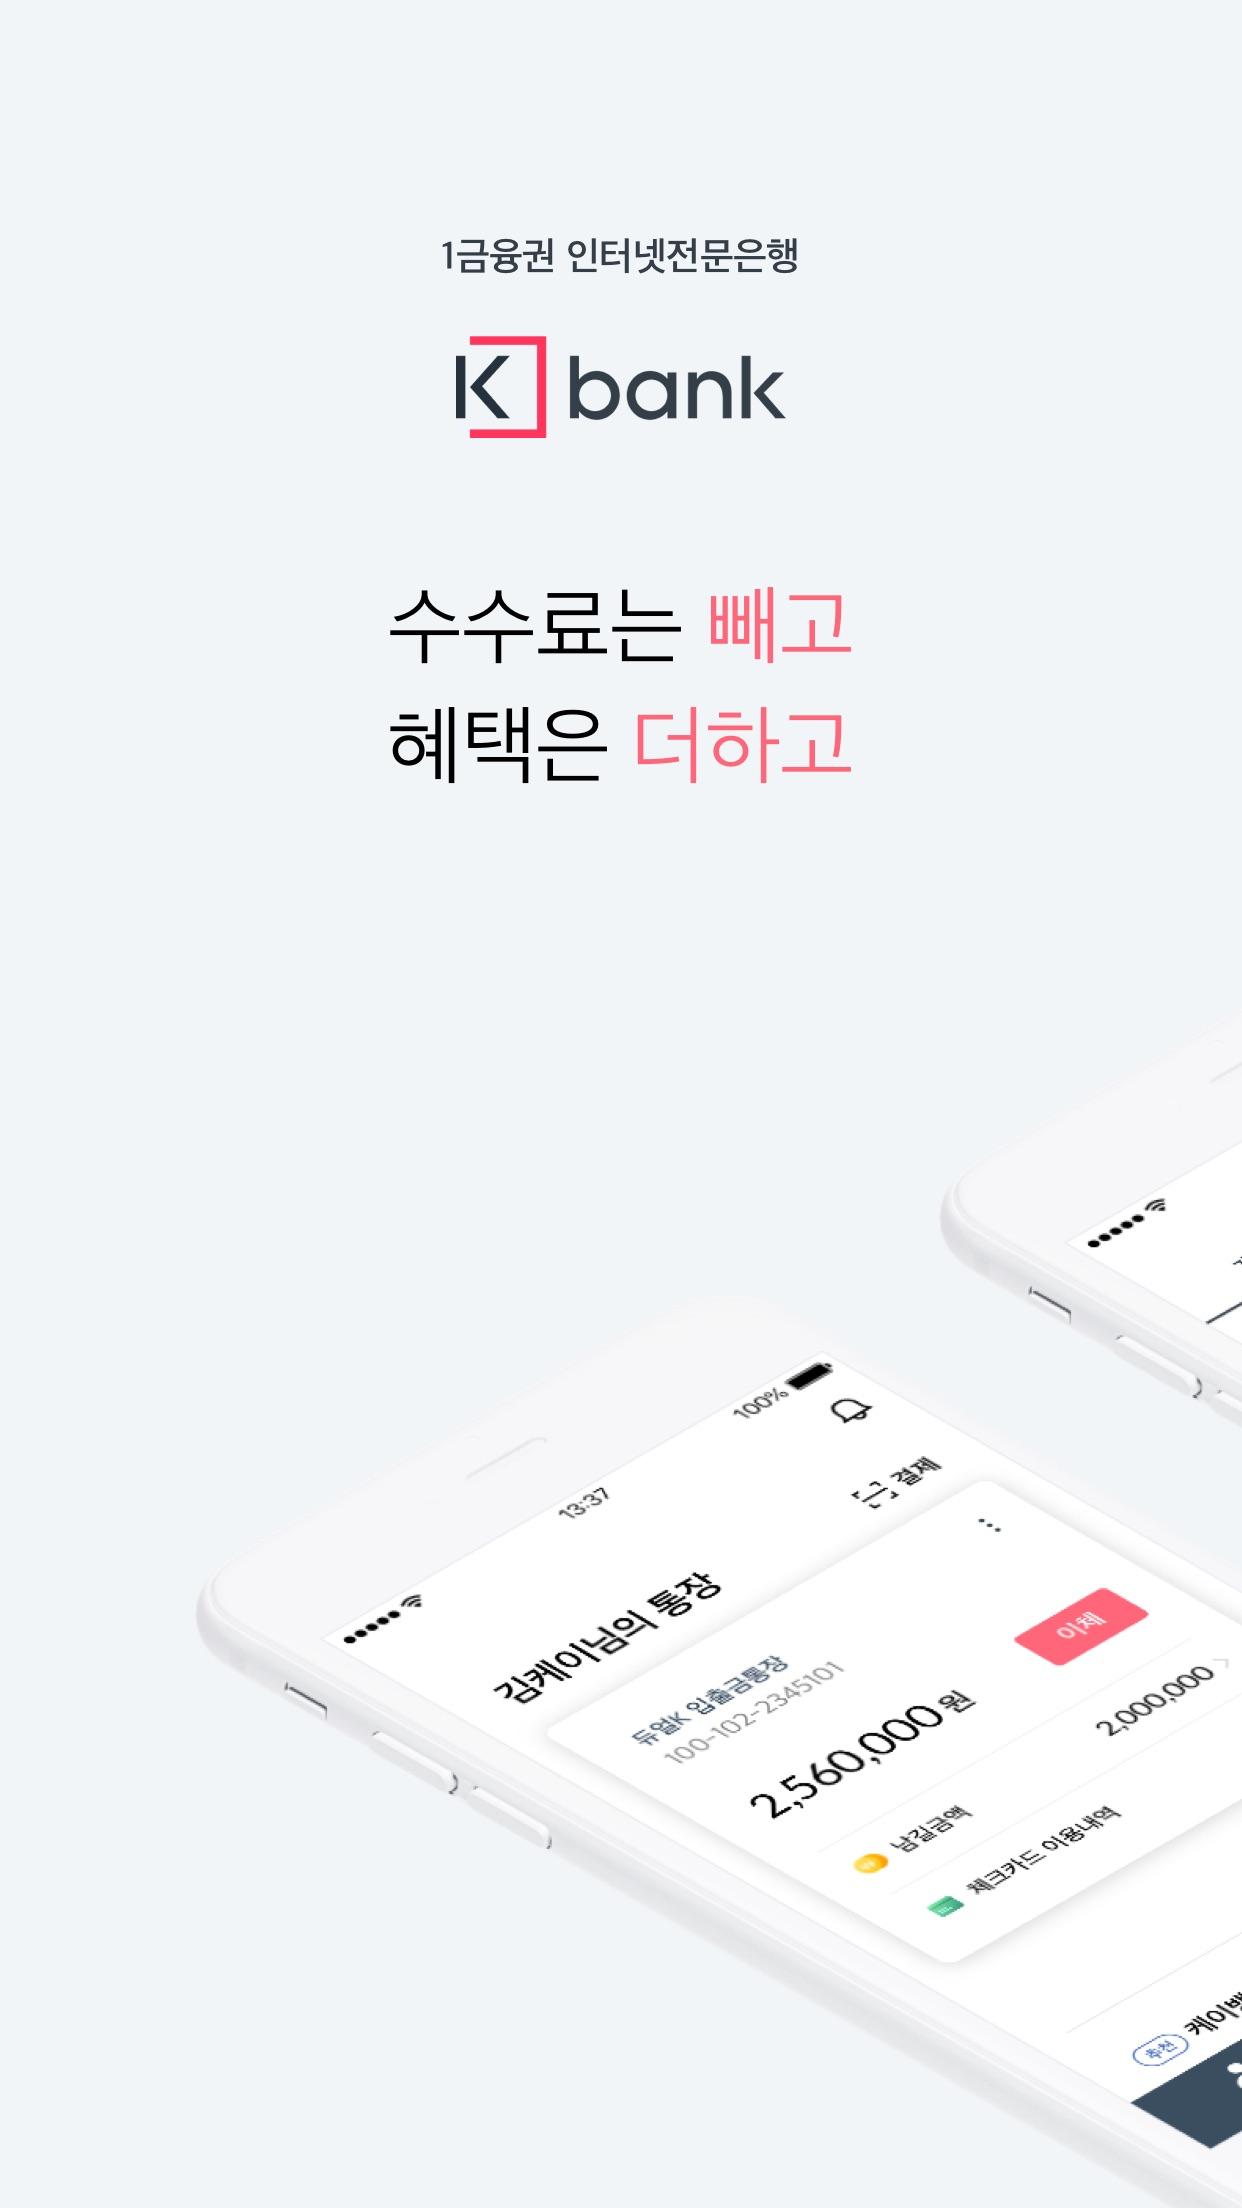 케이뱅크 (K bank) Screenshot